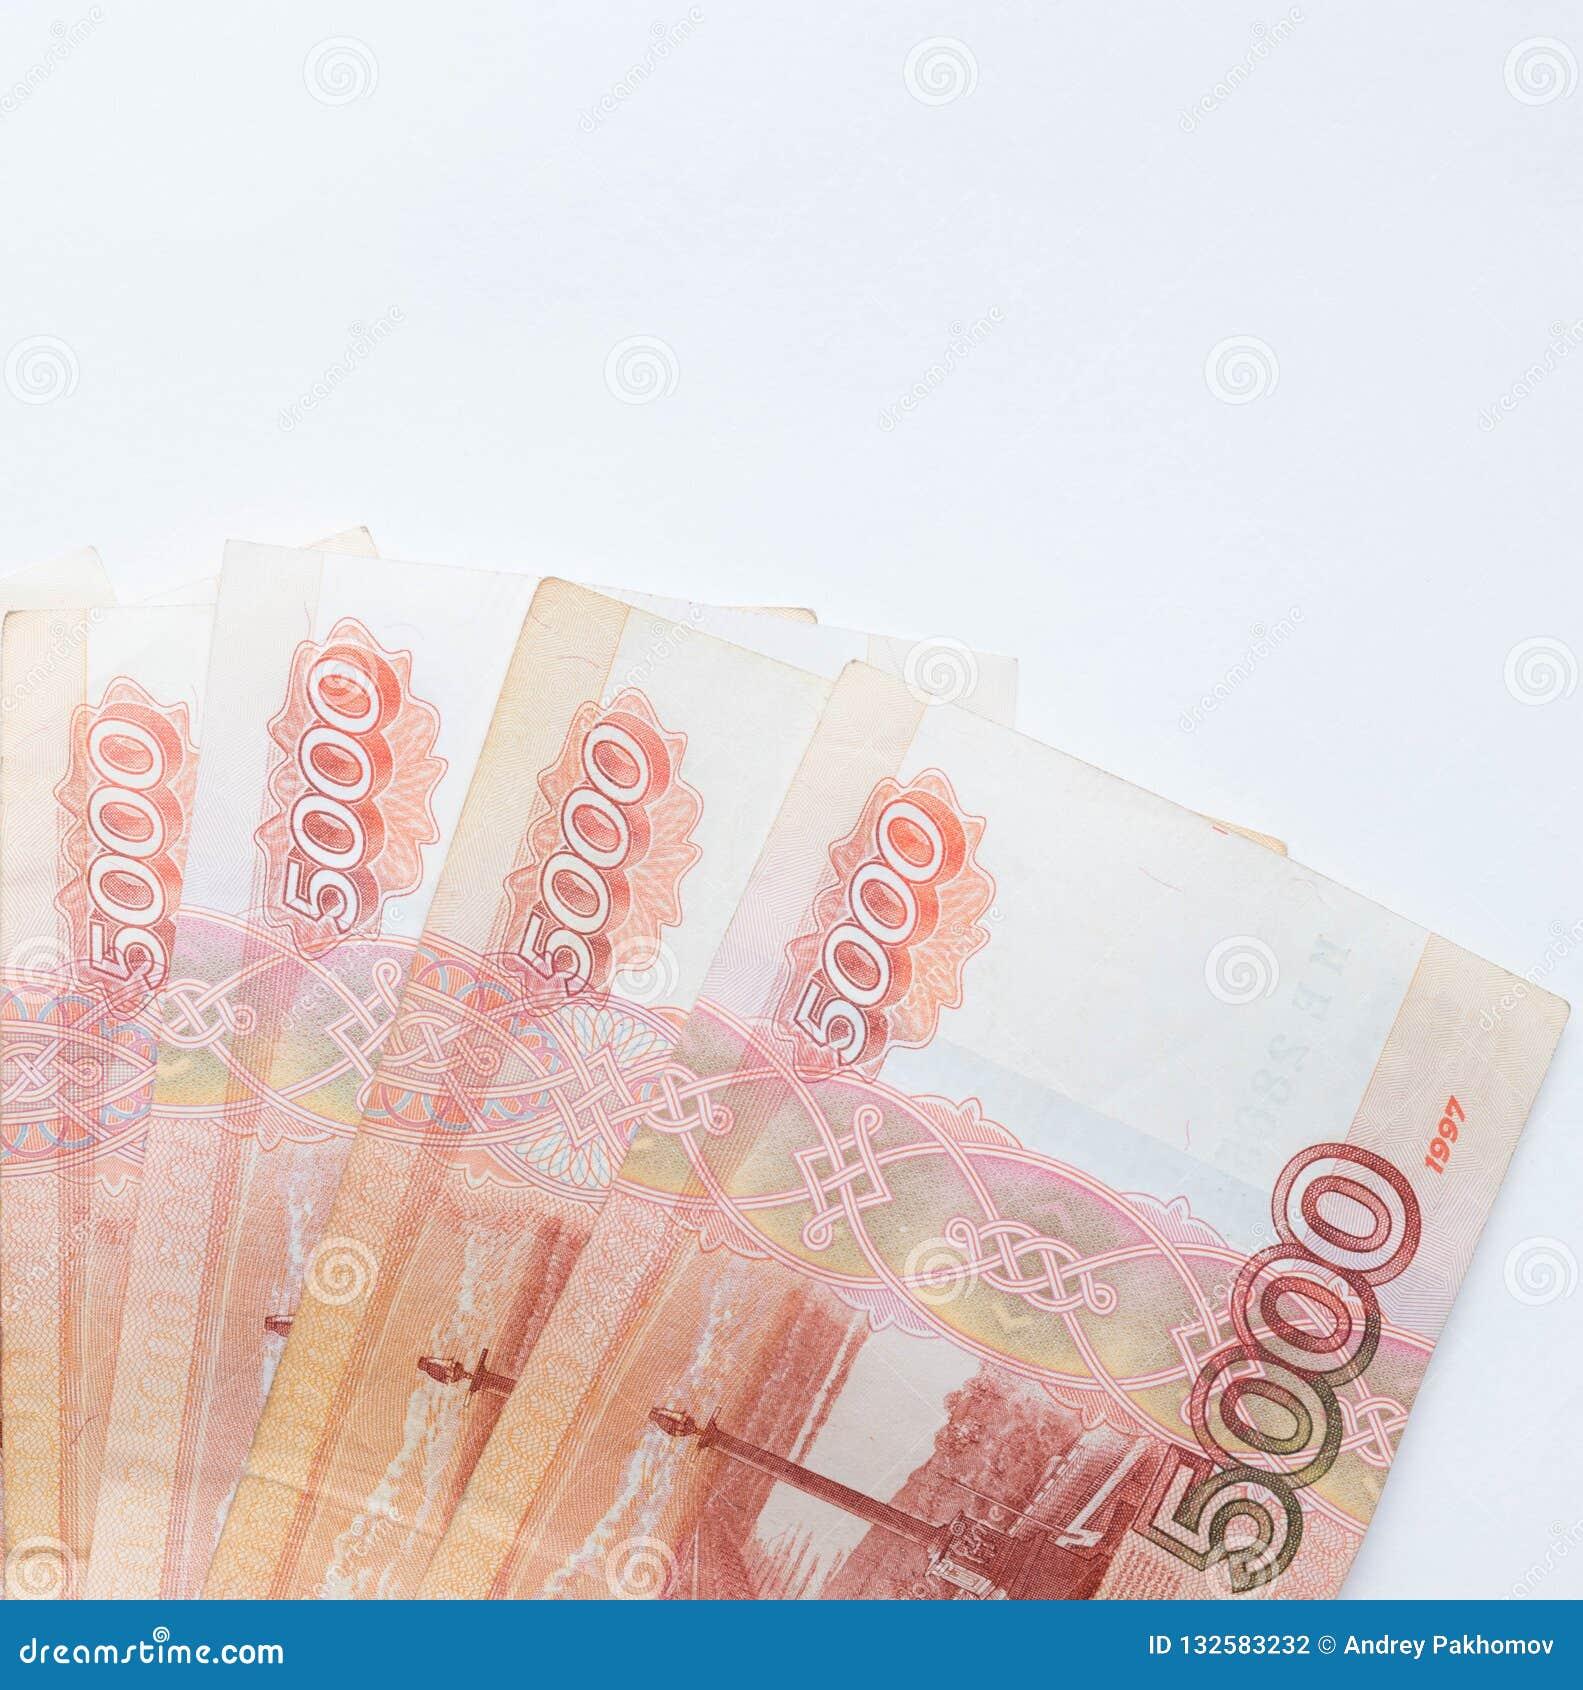 Imagen del estudio 5000 rublos cinco mil efectivo de la moneda rusa macra de la Federación Rusa